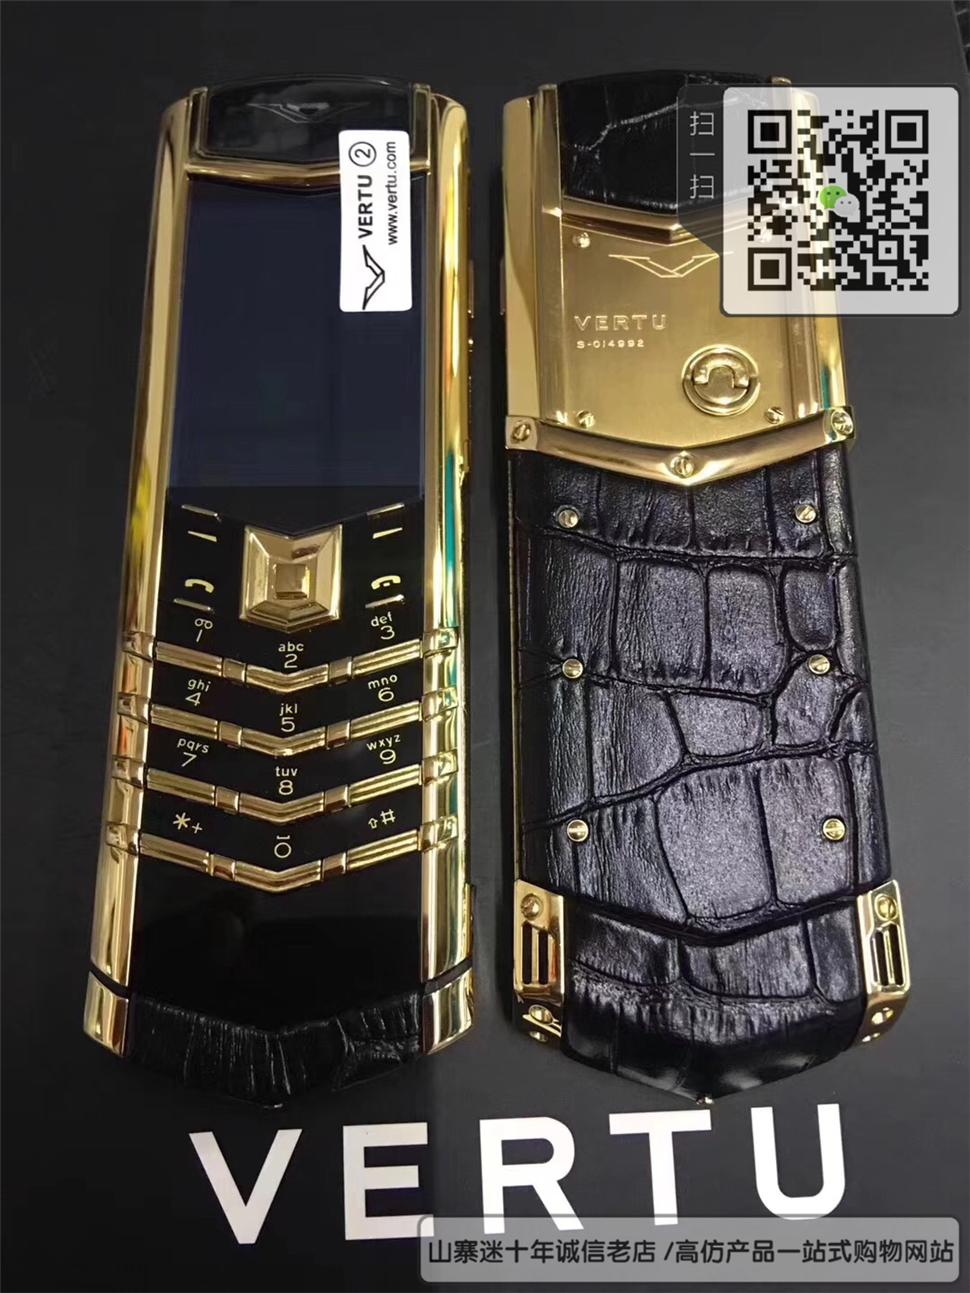 精仿纬图直板手机-黑色+黄金色-鳄鱼皮 ☼